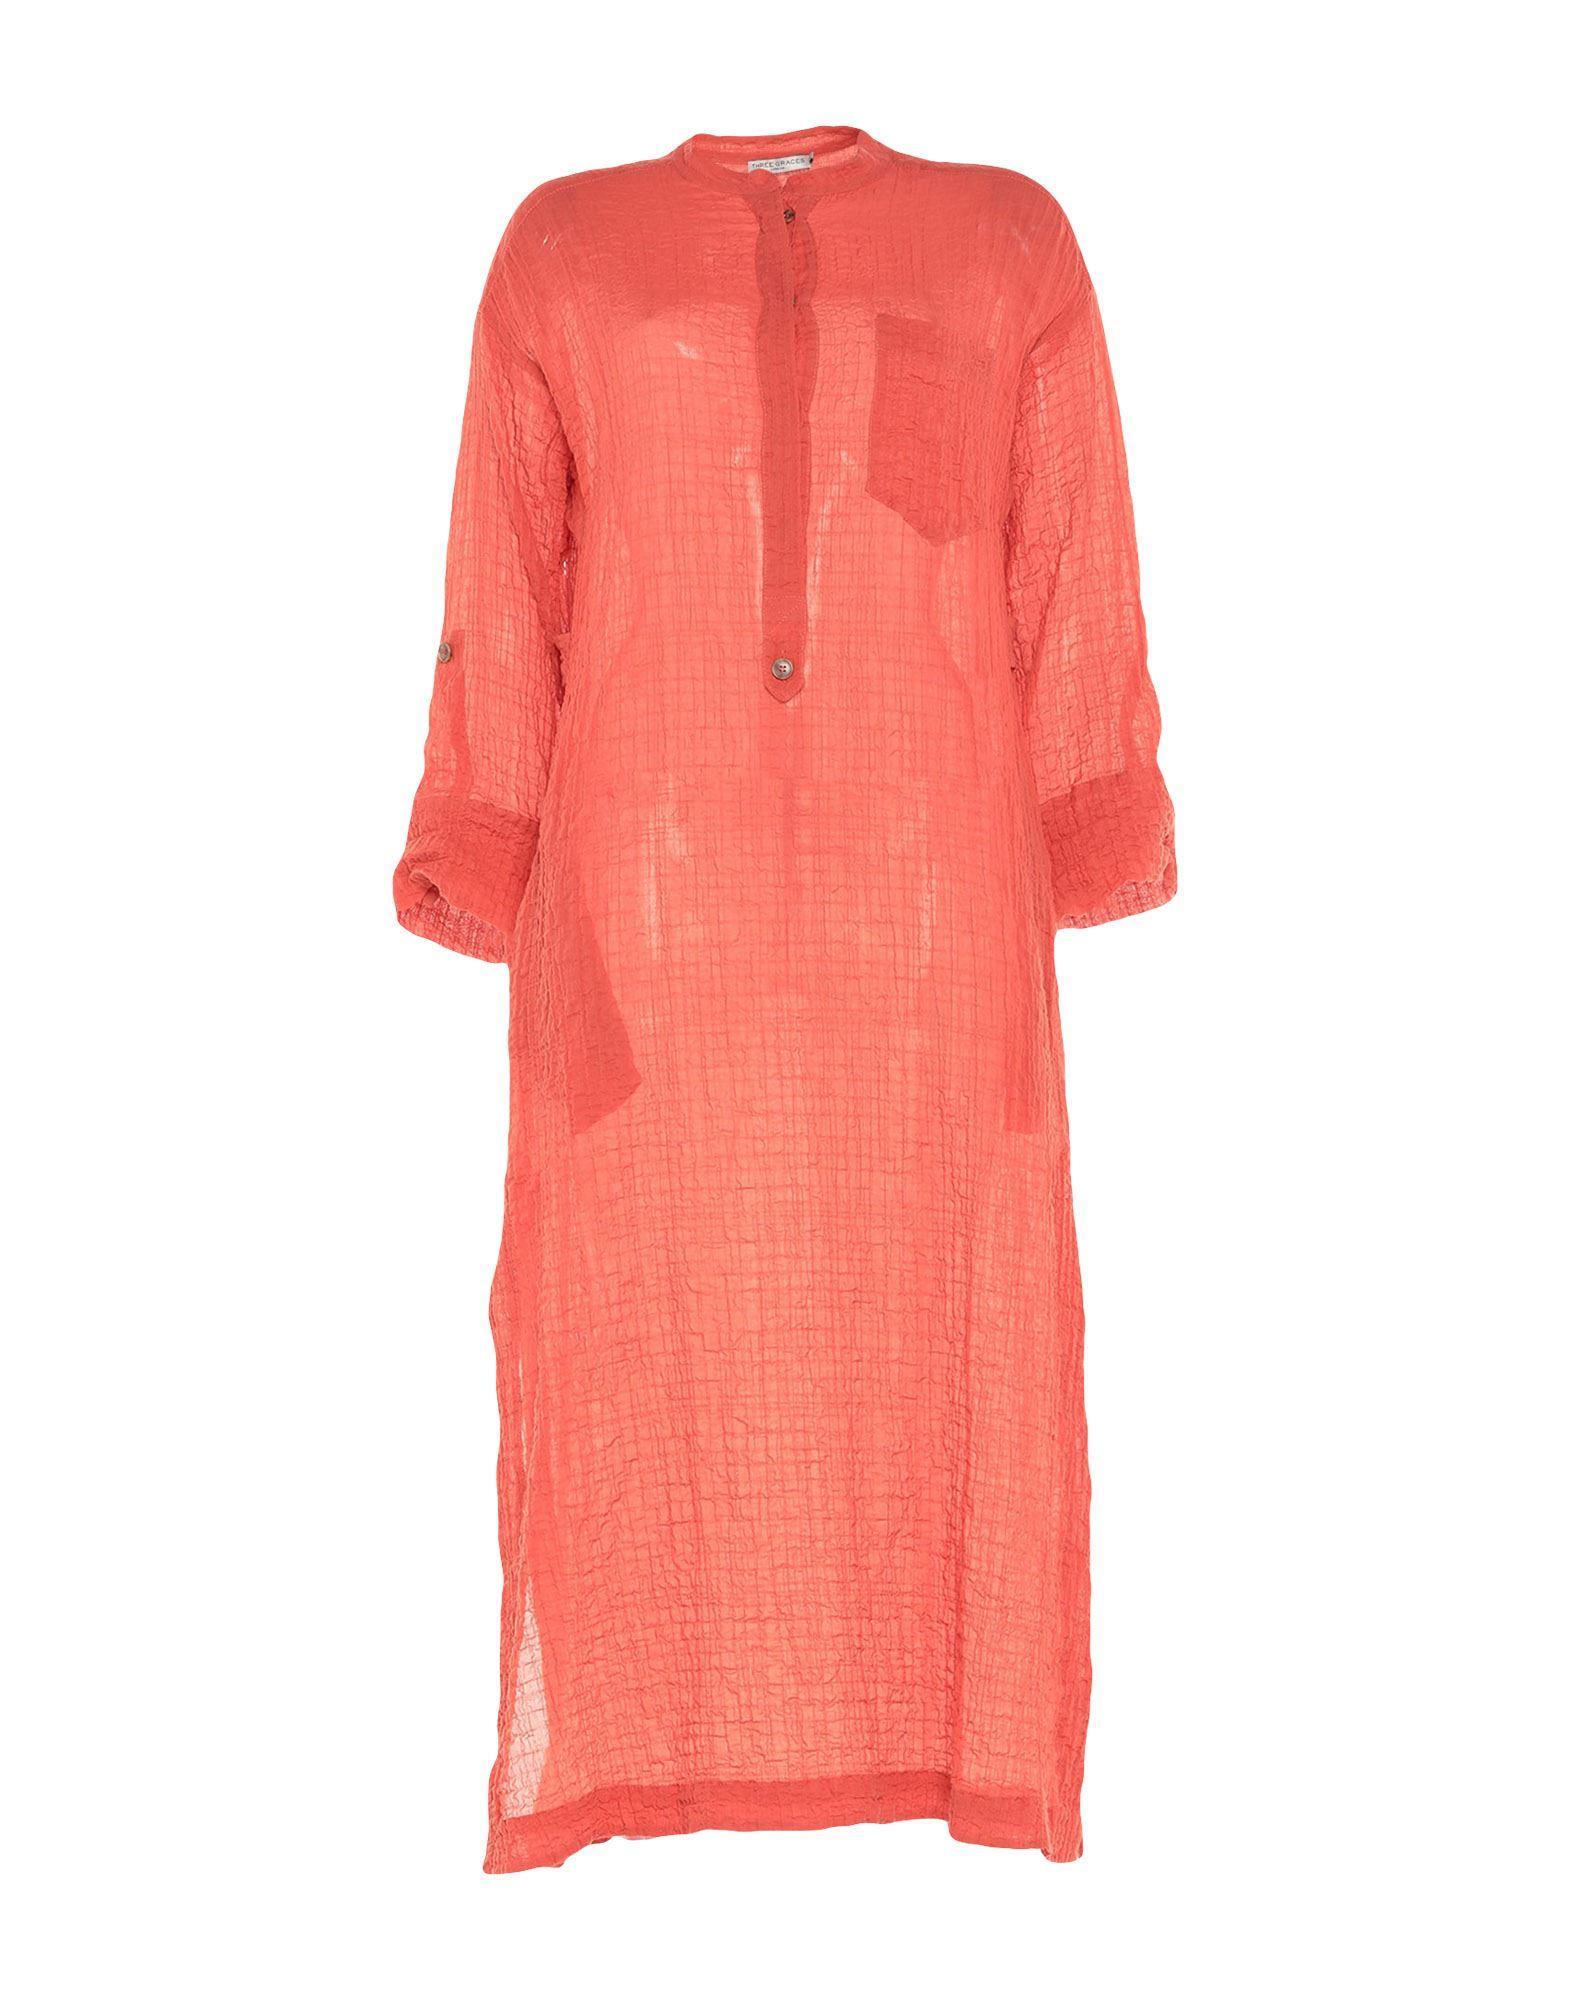 THREE GRACES LONDON Платье длиной 3/4 little mistress london платье длиной 3 4